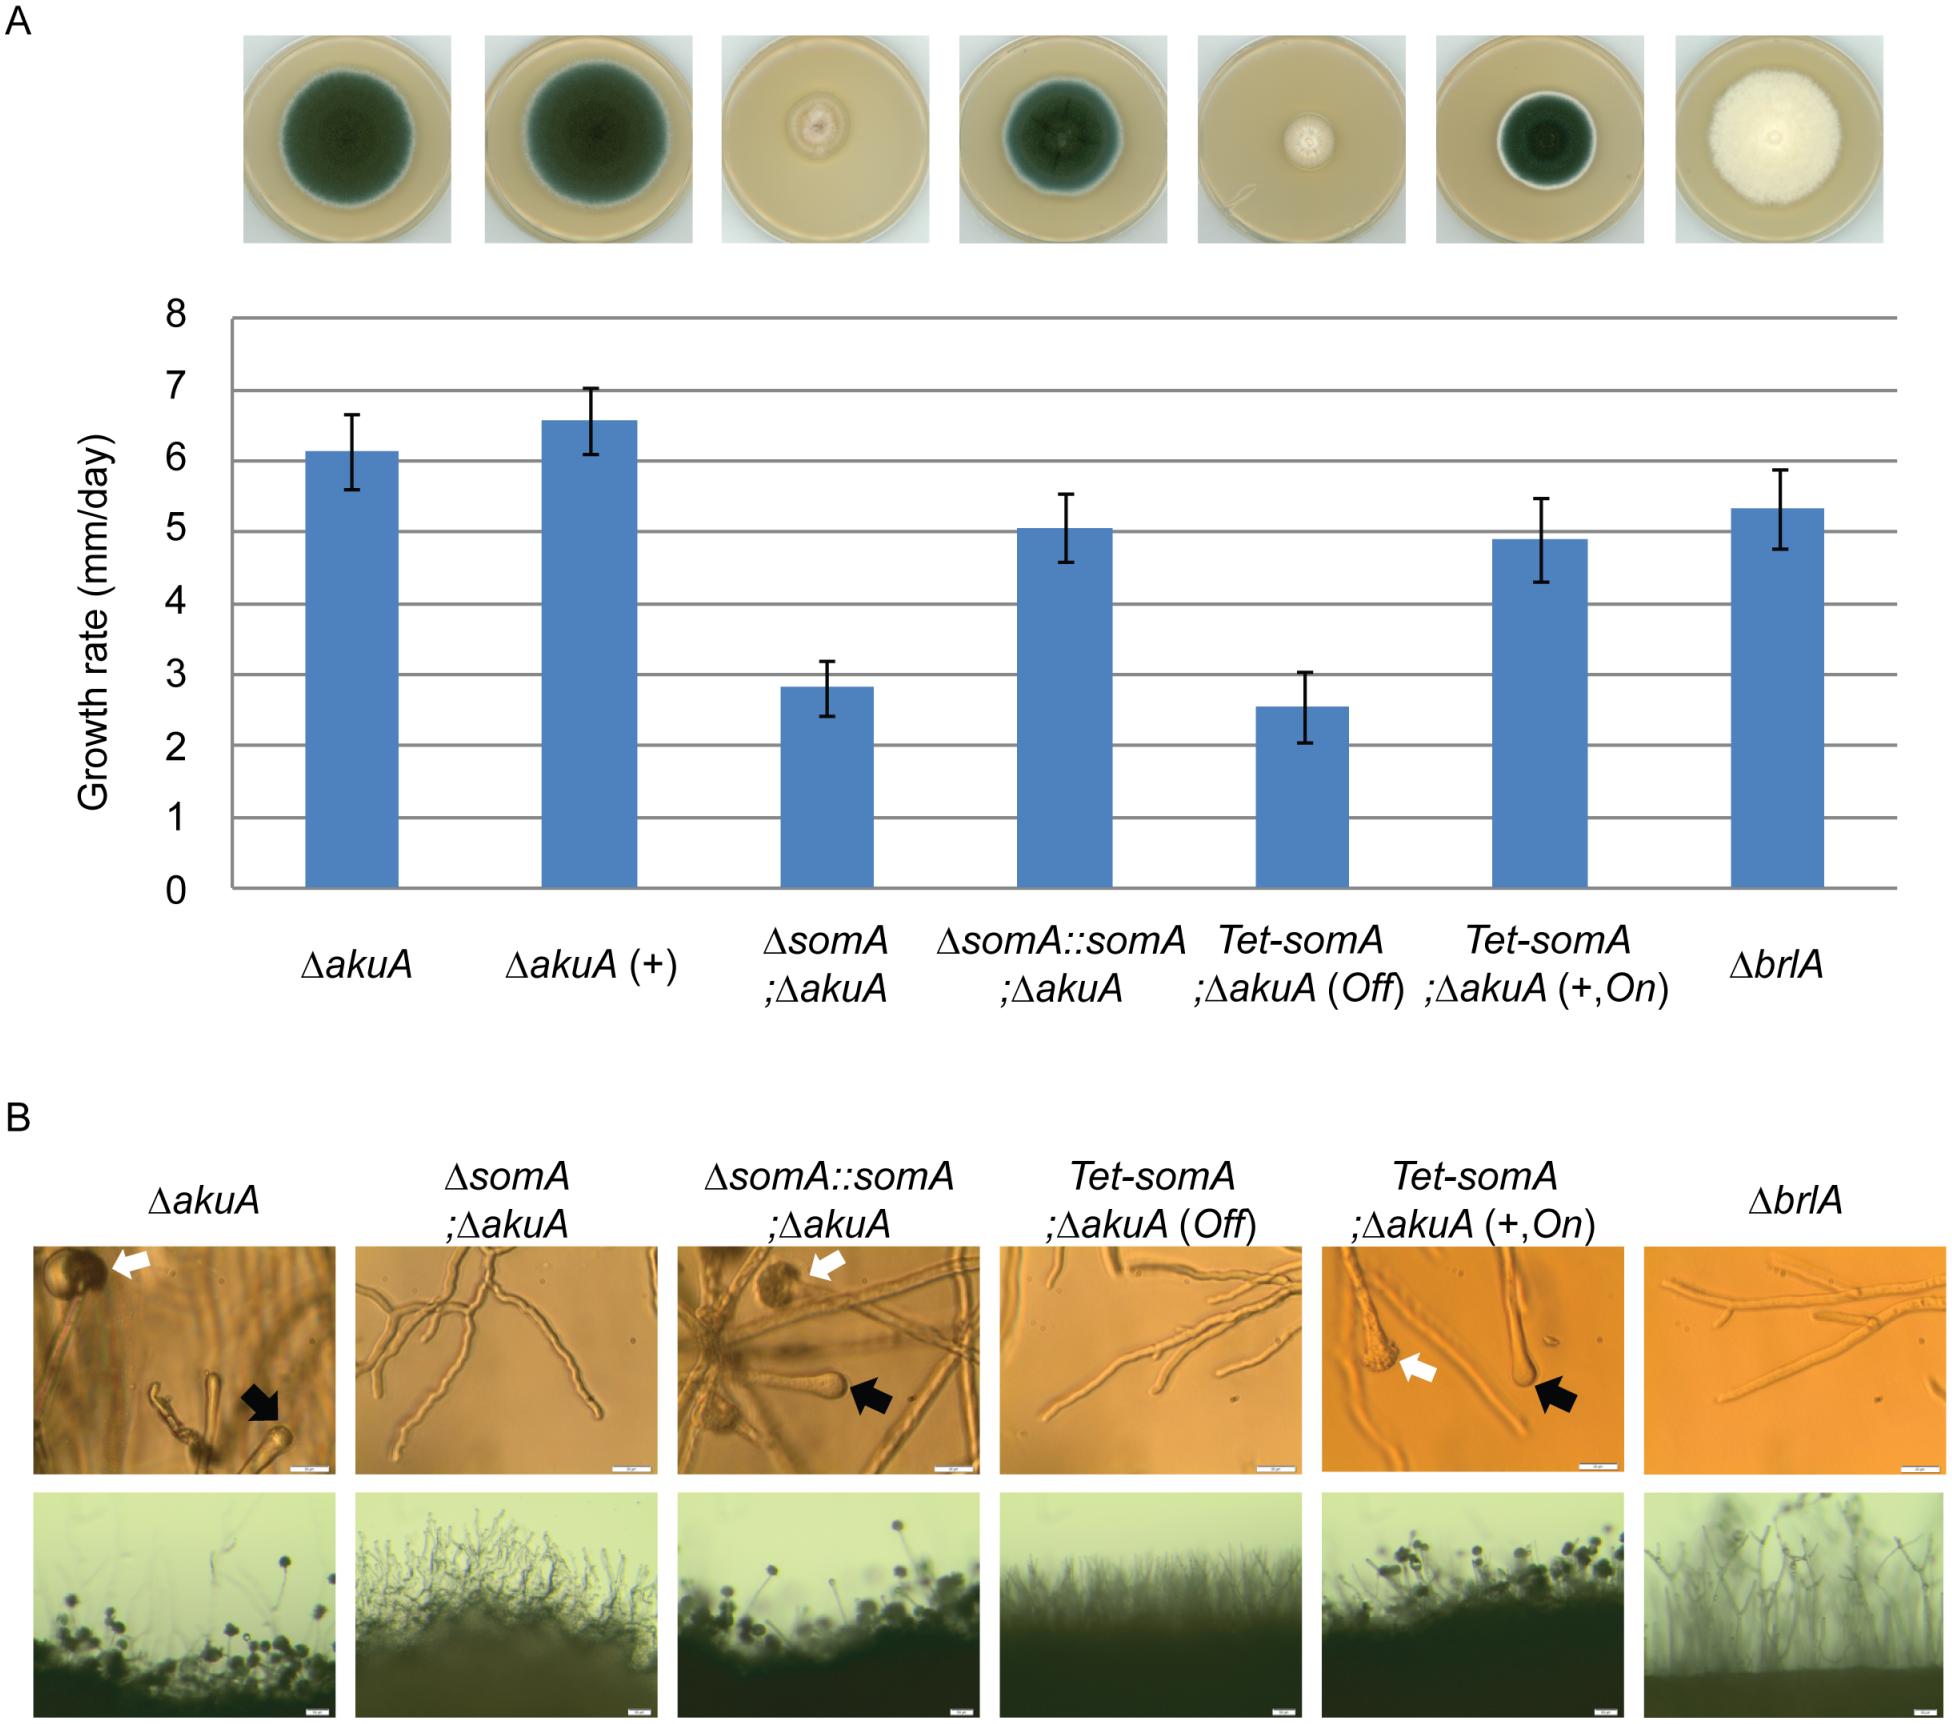 SomA promotes growth and conidia formation of <i>A</i>. <i>fumigatus</i>.